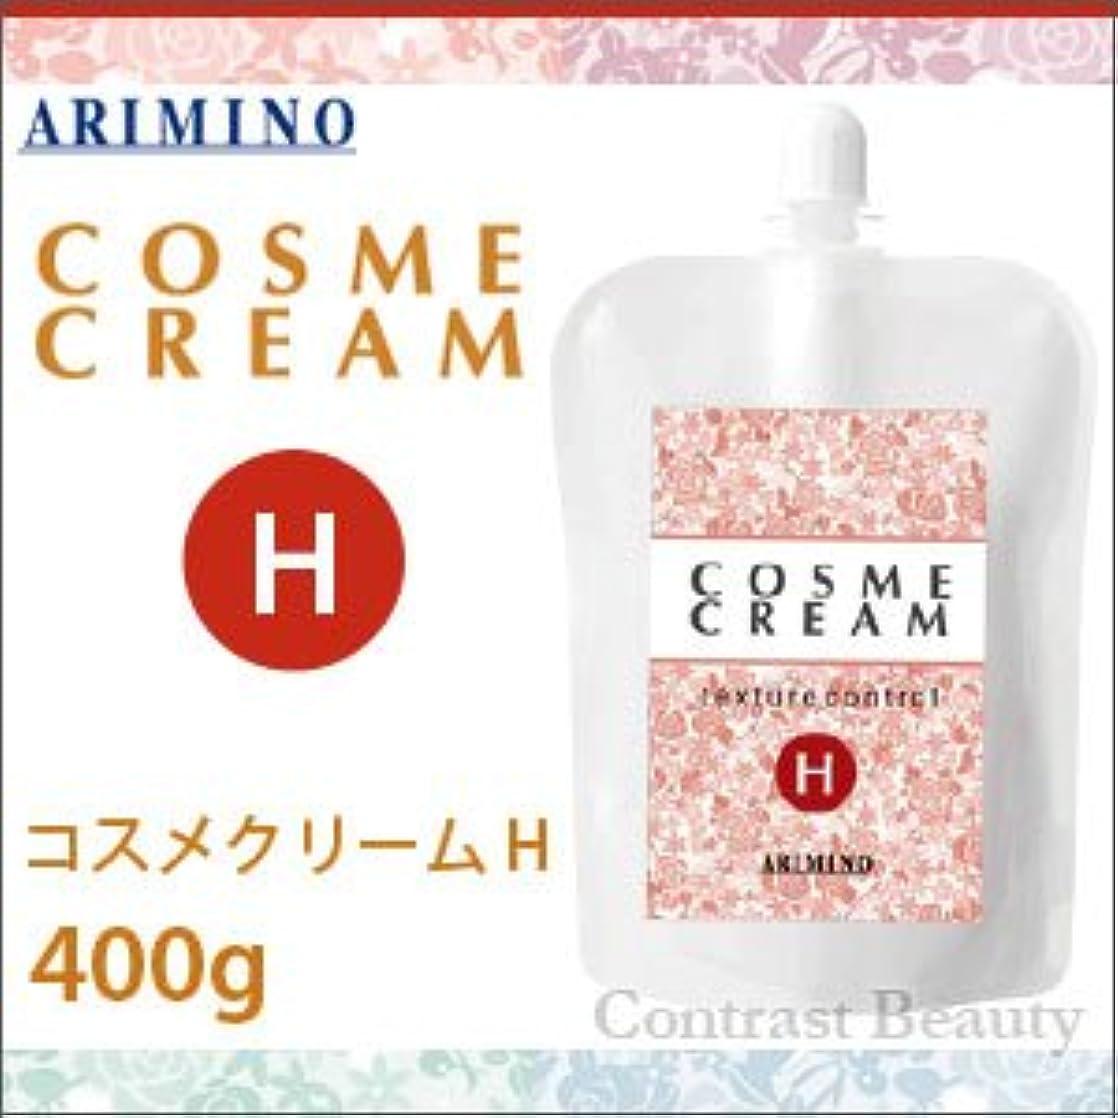 かなりあなたのものどれアリミノ コスメクリーム H 400g